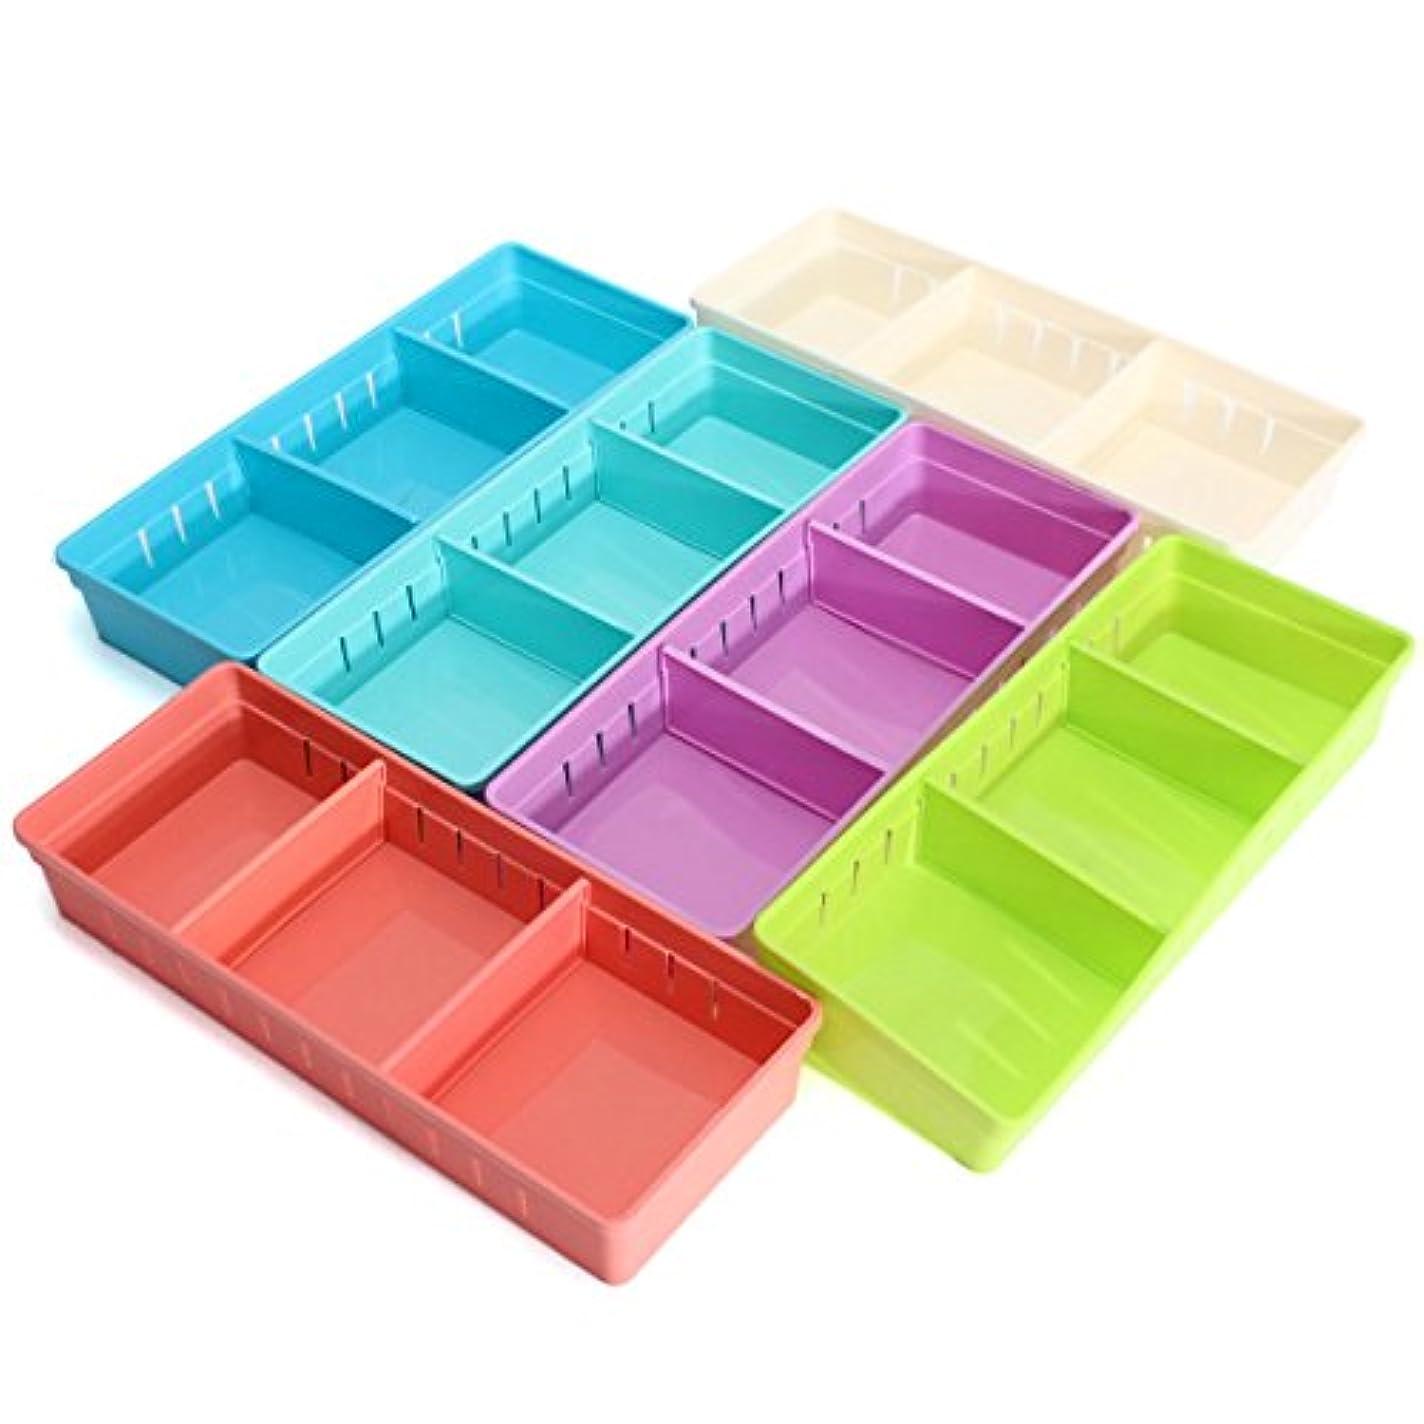 弱点トレーダーチョップYZUEYT 調整可能なメイクアップ収納ボックス引き出しホームキッチンオフィスSupplie鉛筆ジュエリーオーガナイザー YZUEYT (Color : Color Yellow)